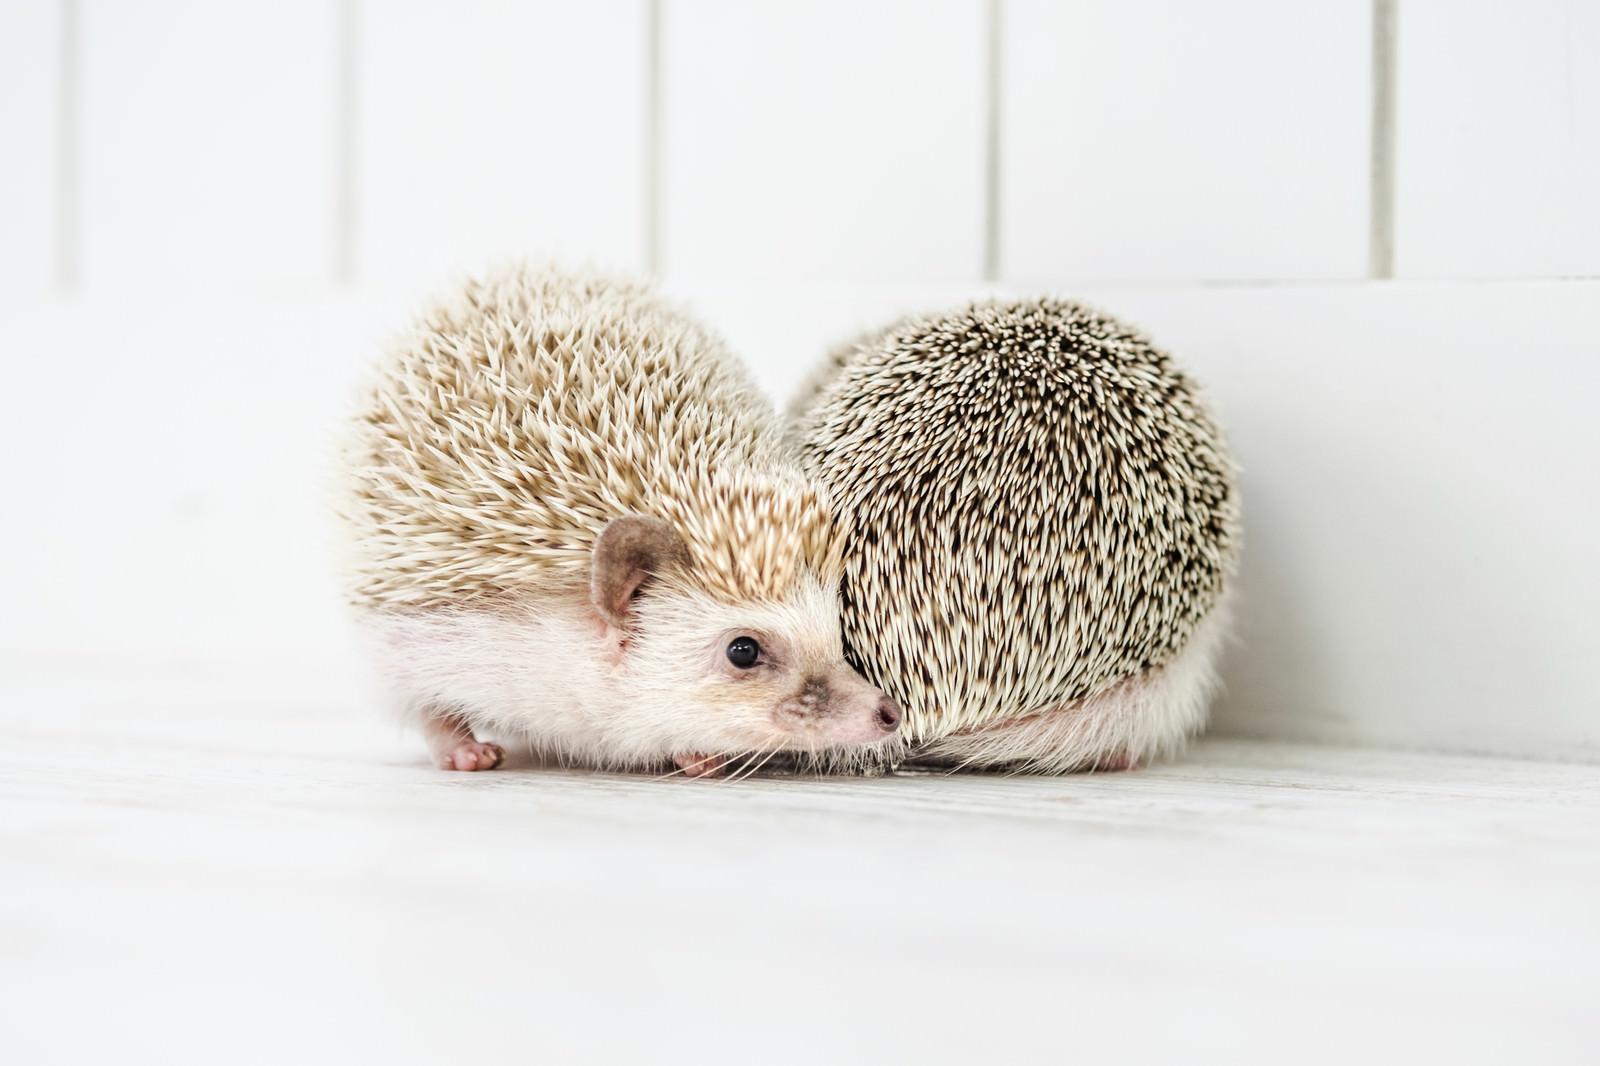 「壁際で求愛しあう二匹のハリネズミ | 写真の無料素材・フリー素材 - ぱくたそ」の写真